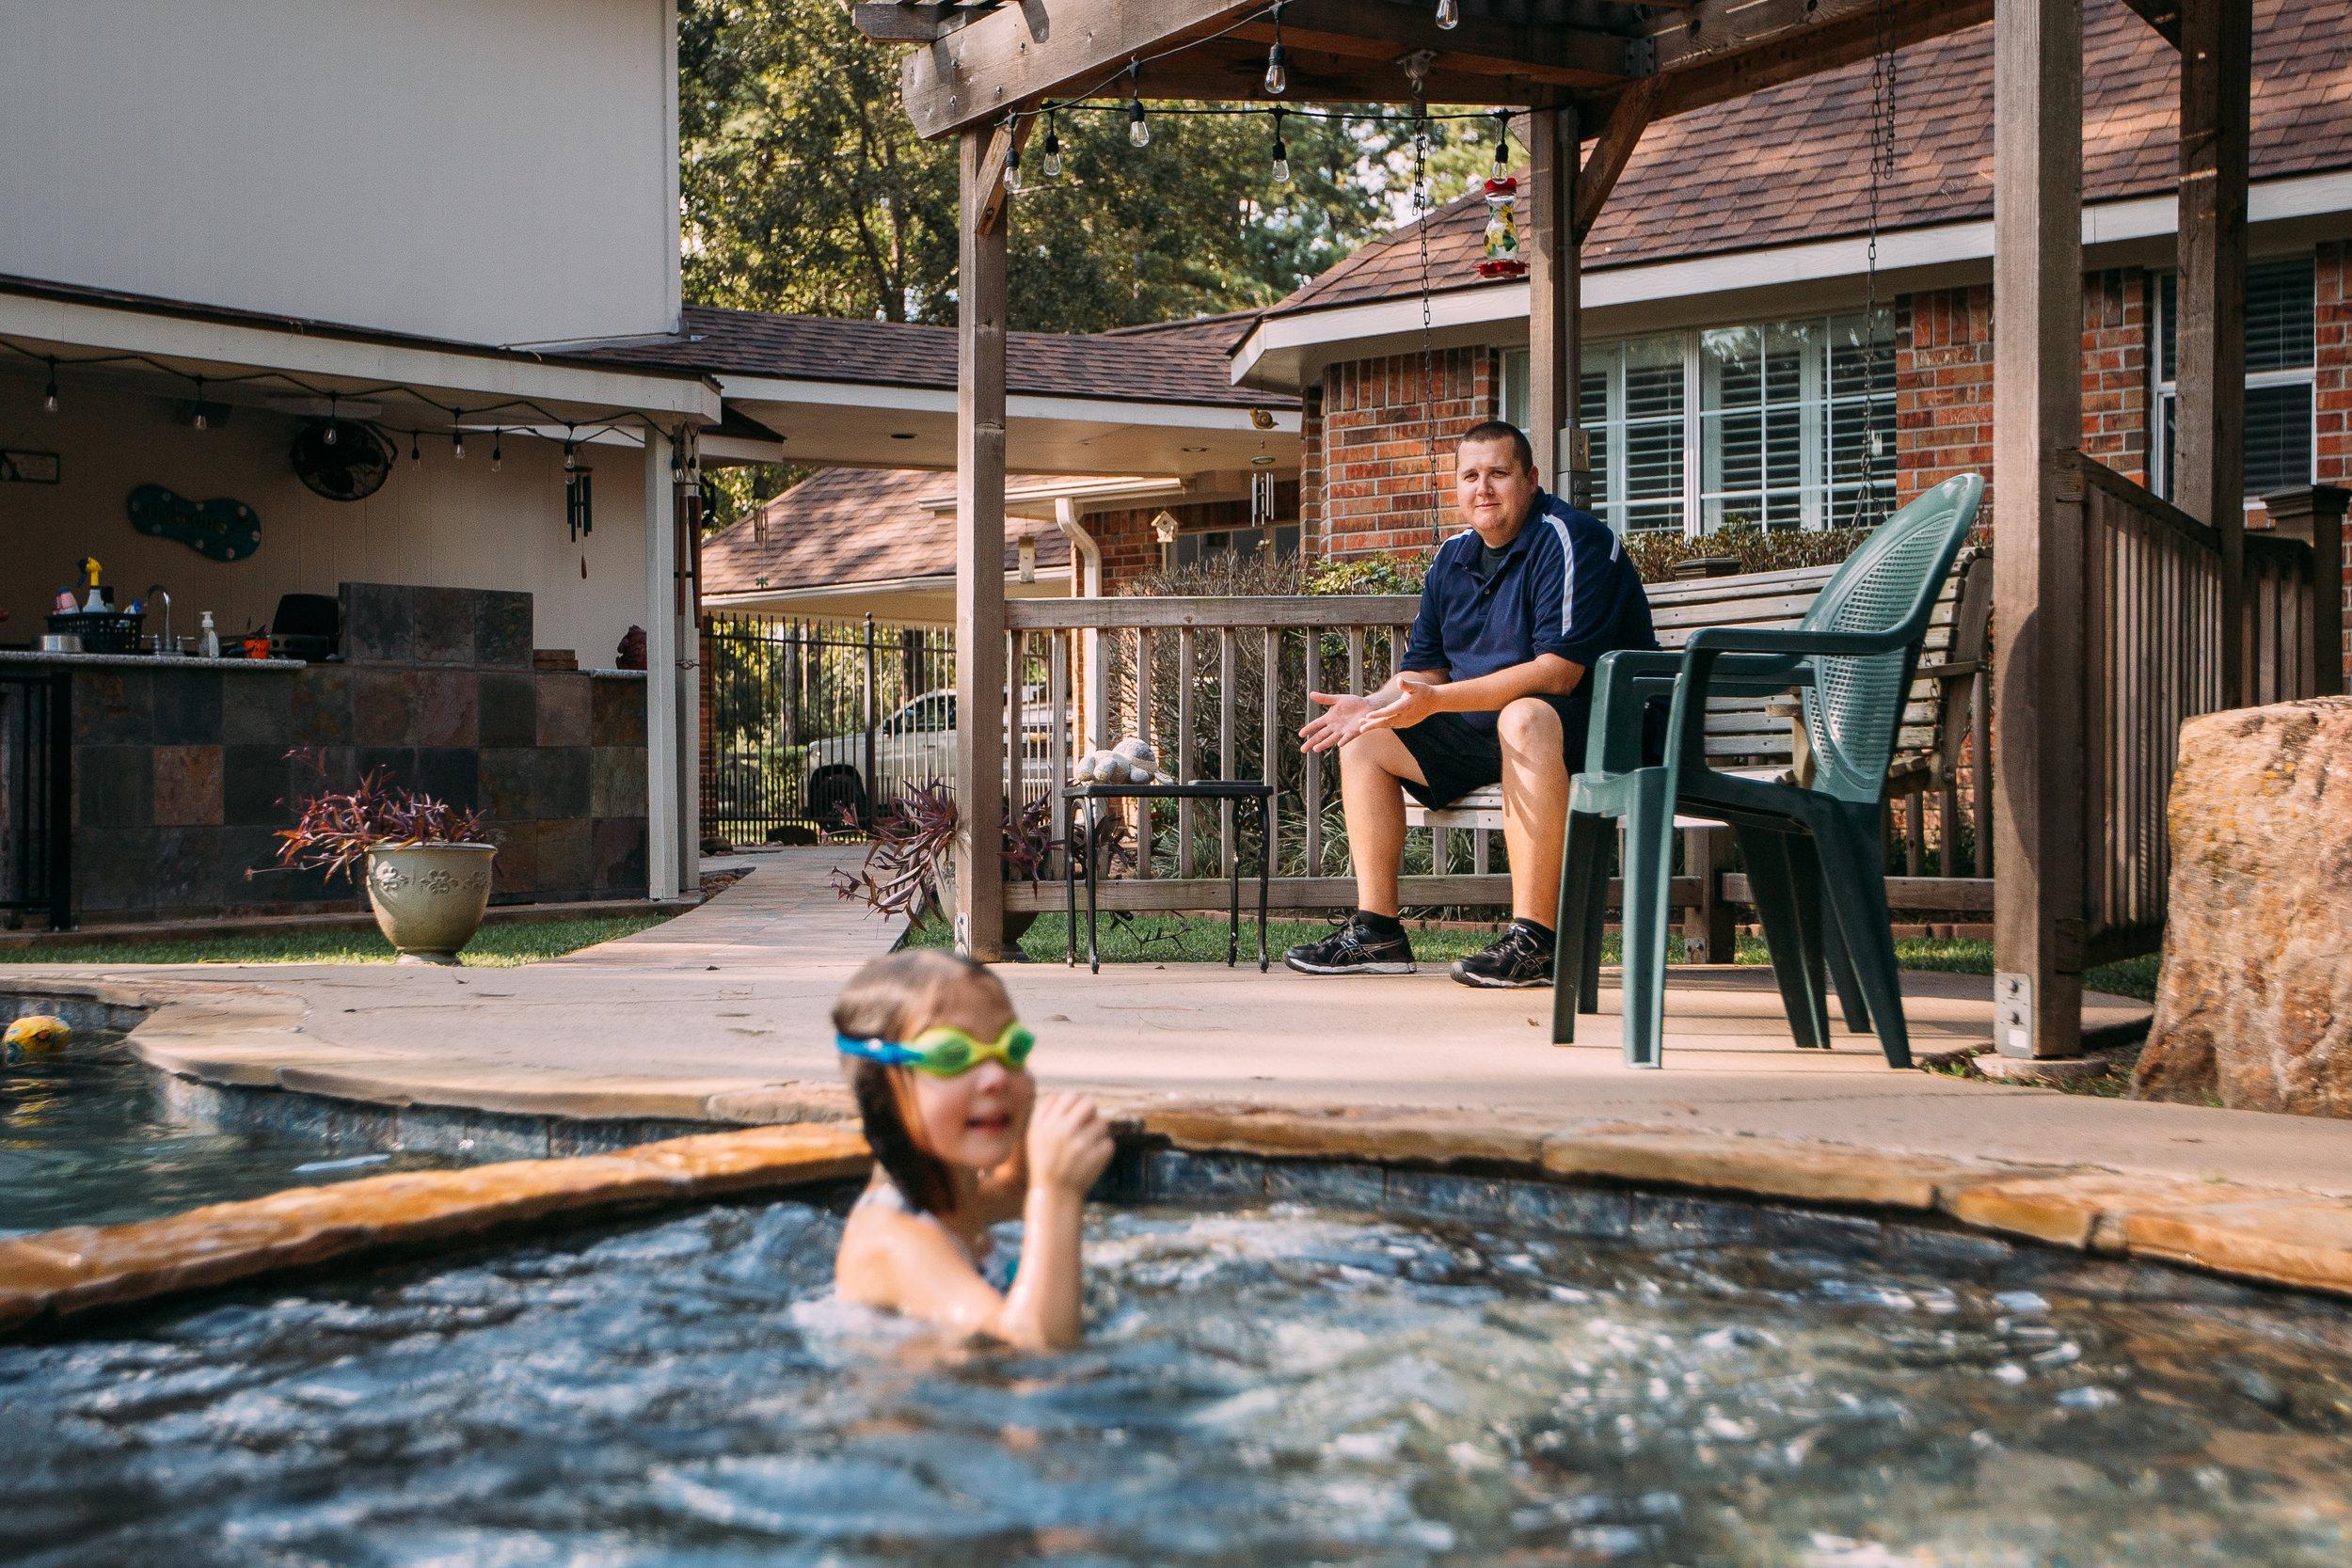 family-photographer-houston-7216.jpg